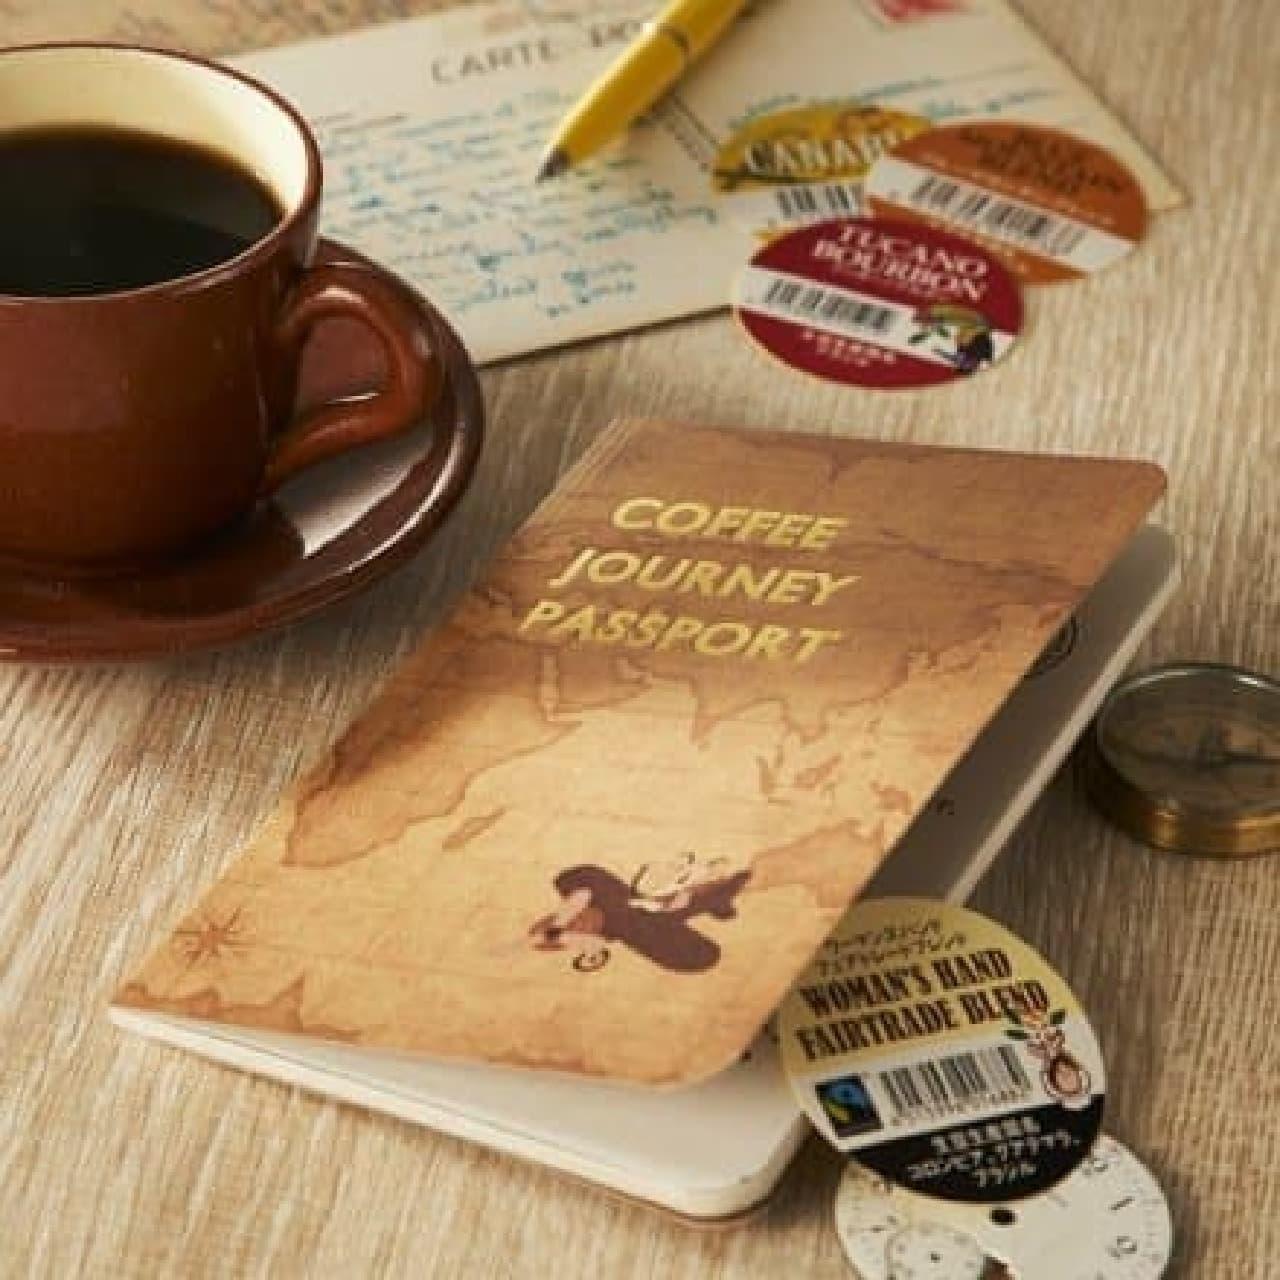 カルディの数量限定「コーヒージャーニーパスポート」